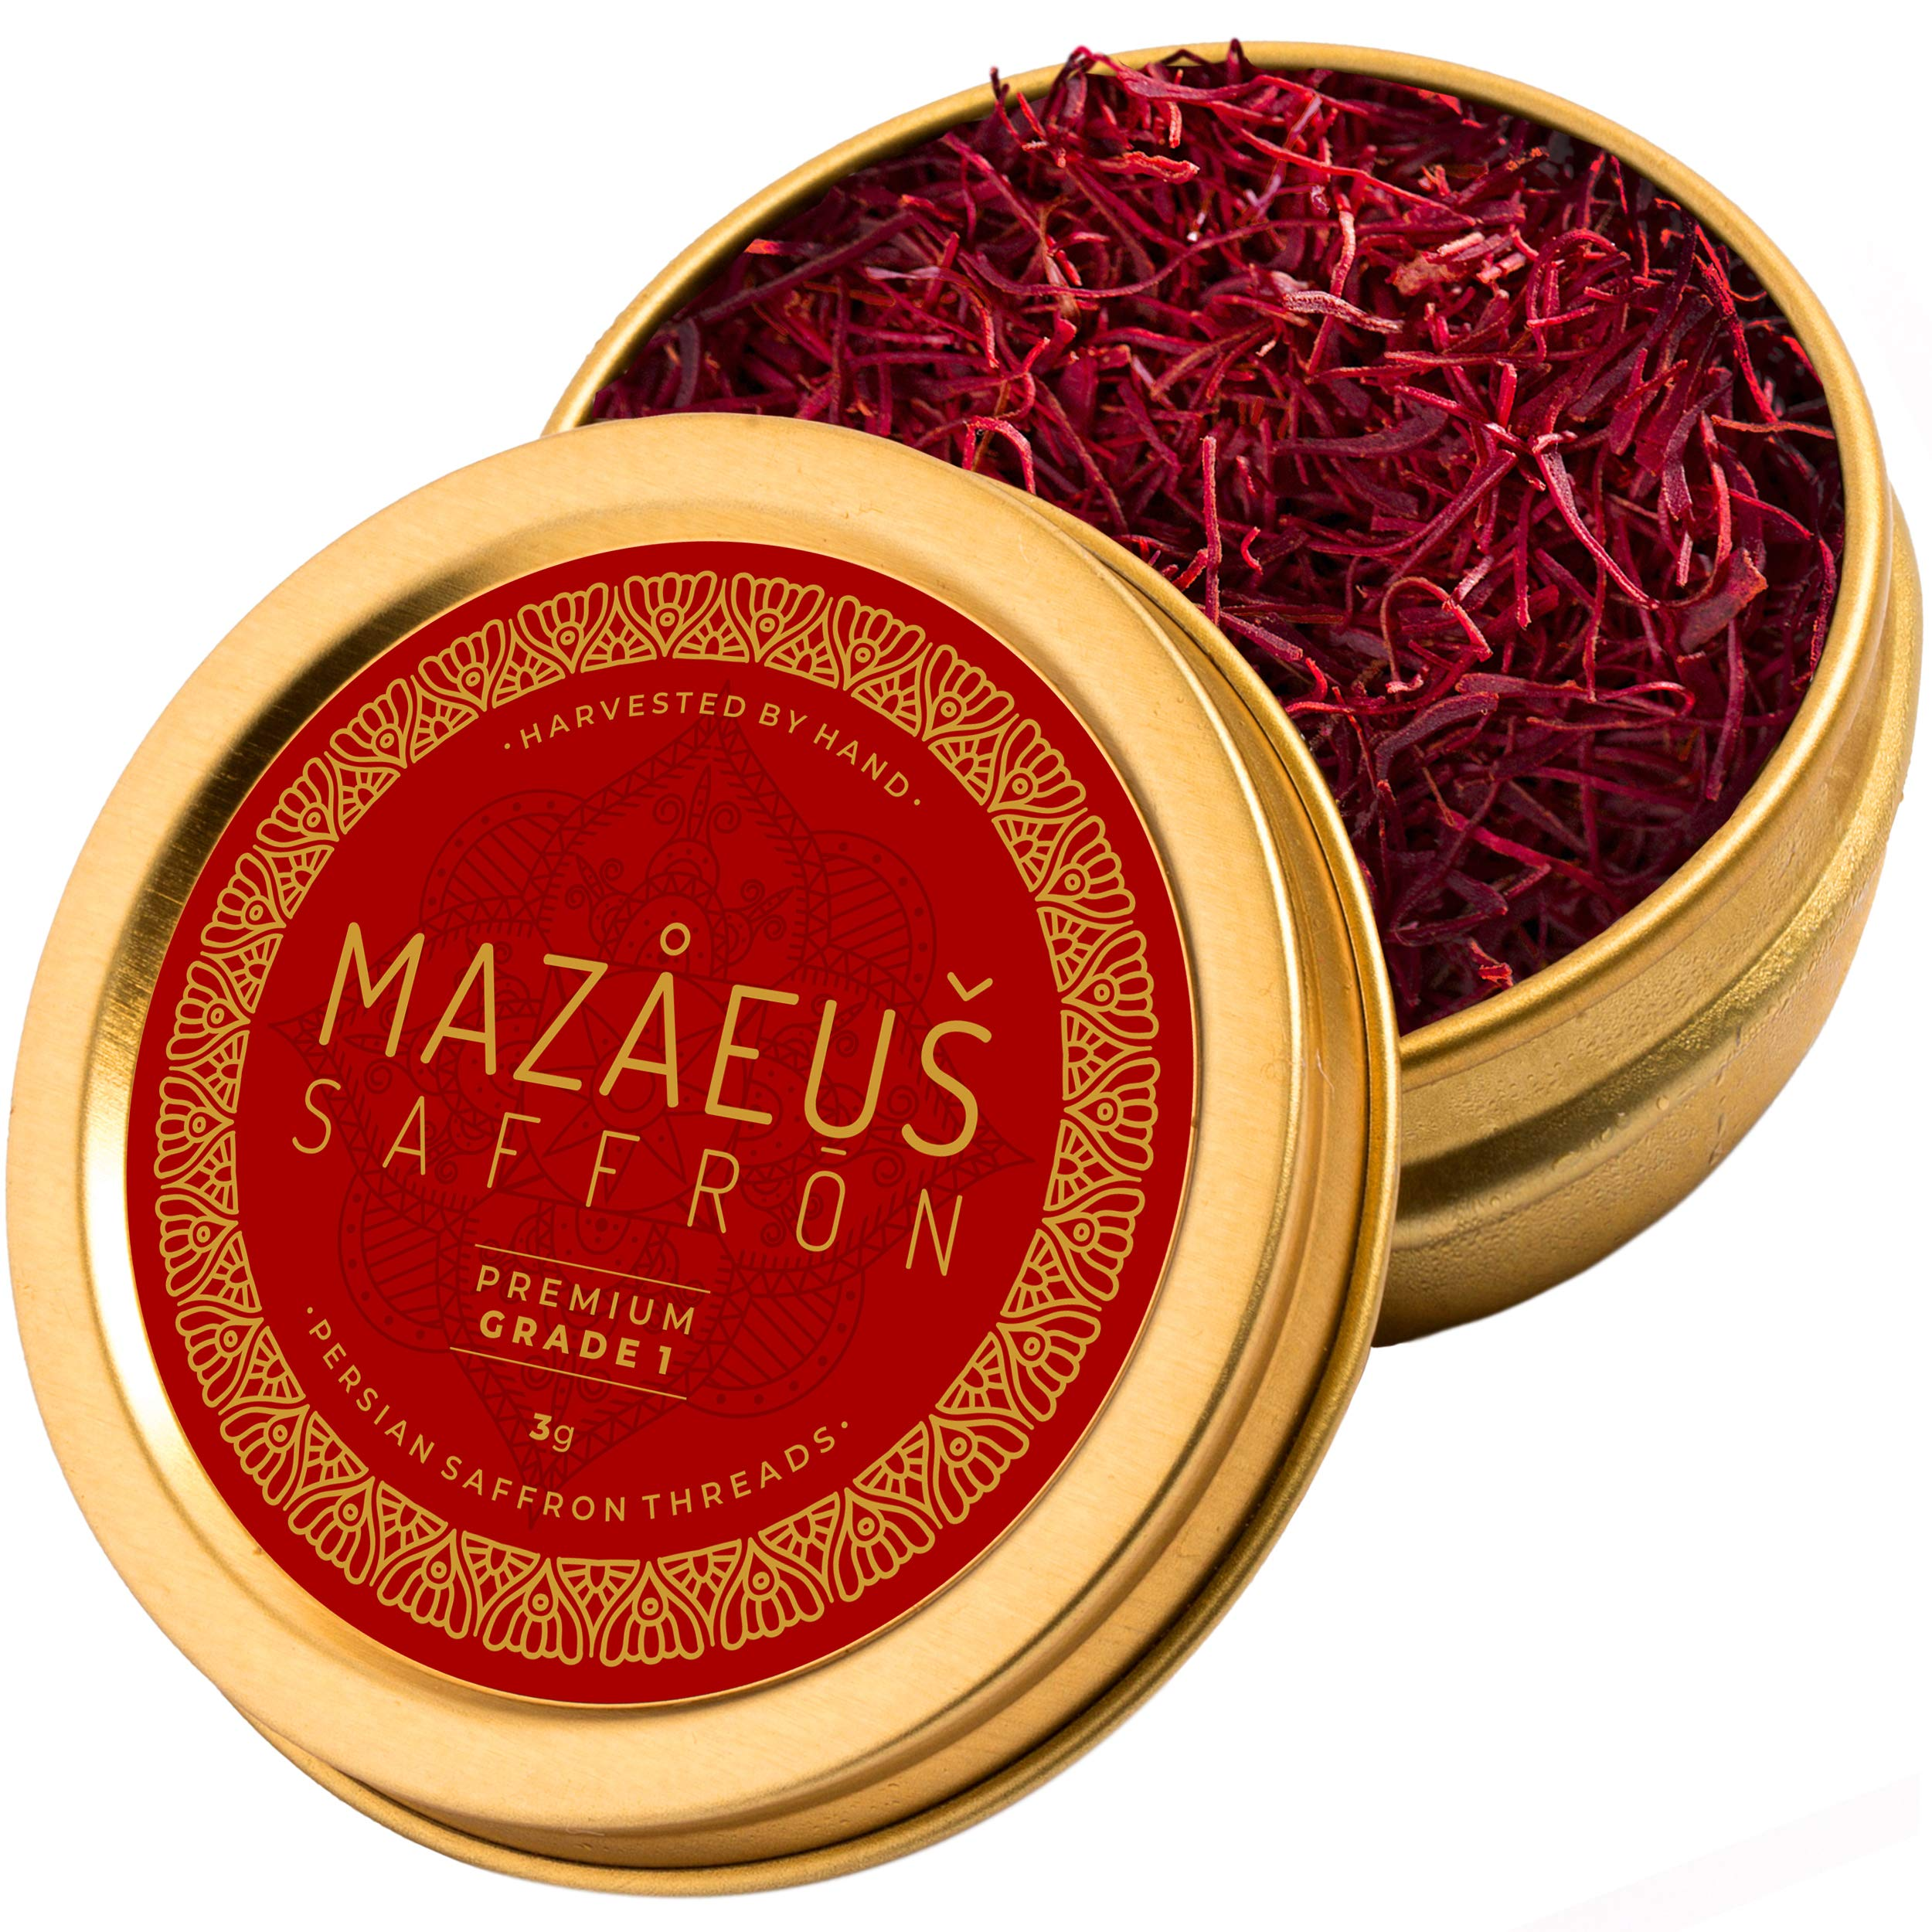 Mazaeus Saffron, Premium Saffron Threads (Grade 1), All-Red Saffron Spice, Highest Quality Persian Saffron for Culinary Use (3 grams)